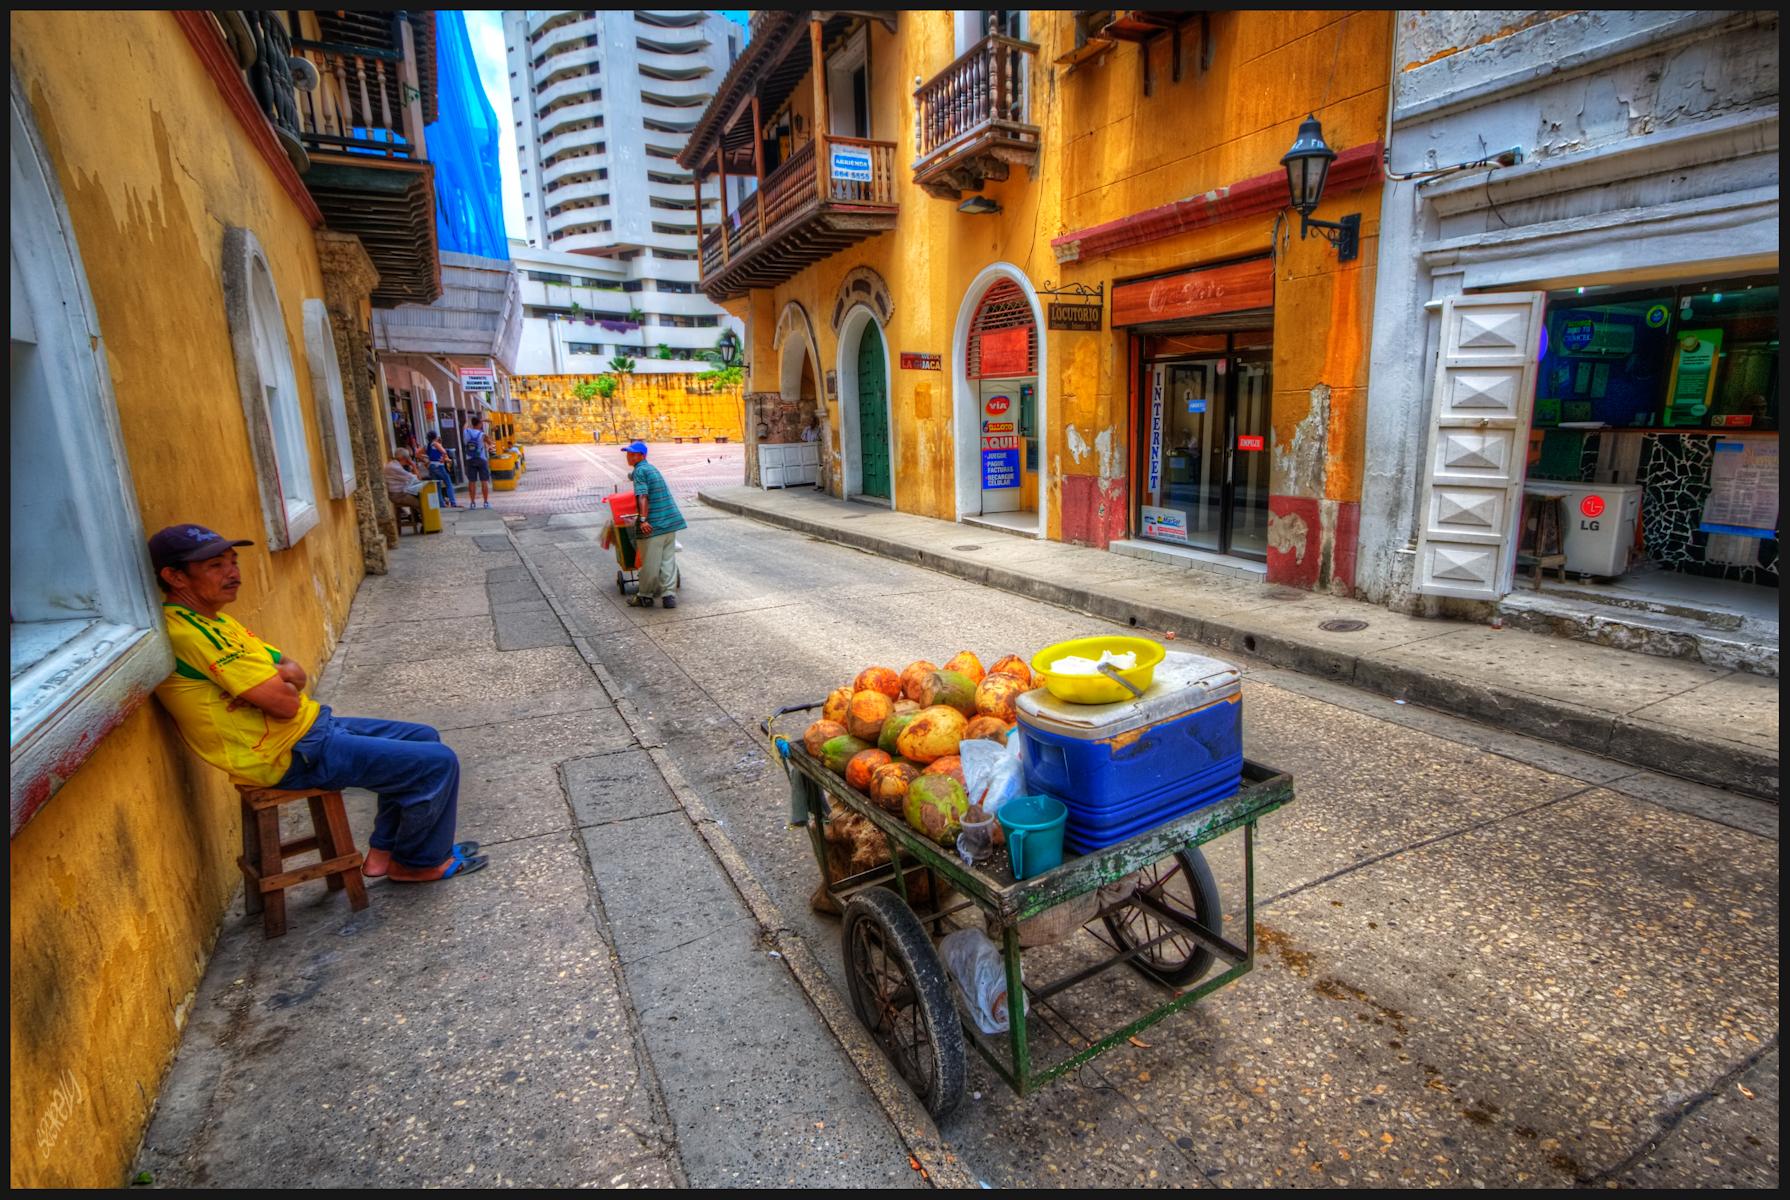 Cartagena Colombia  city photo : Cartagena, Colombia 5043733874 Wikimedia Commons